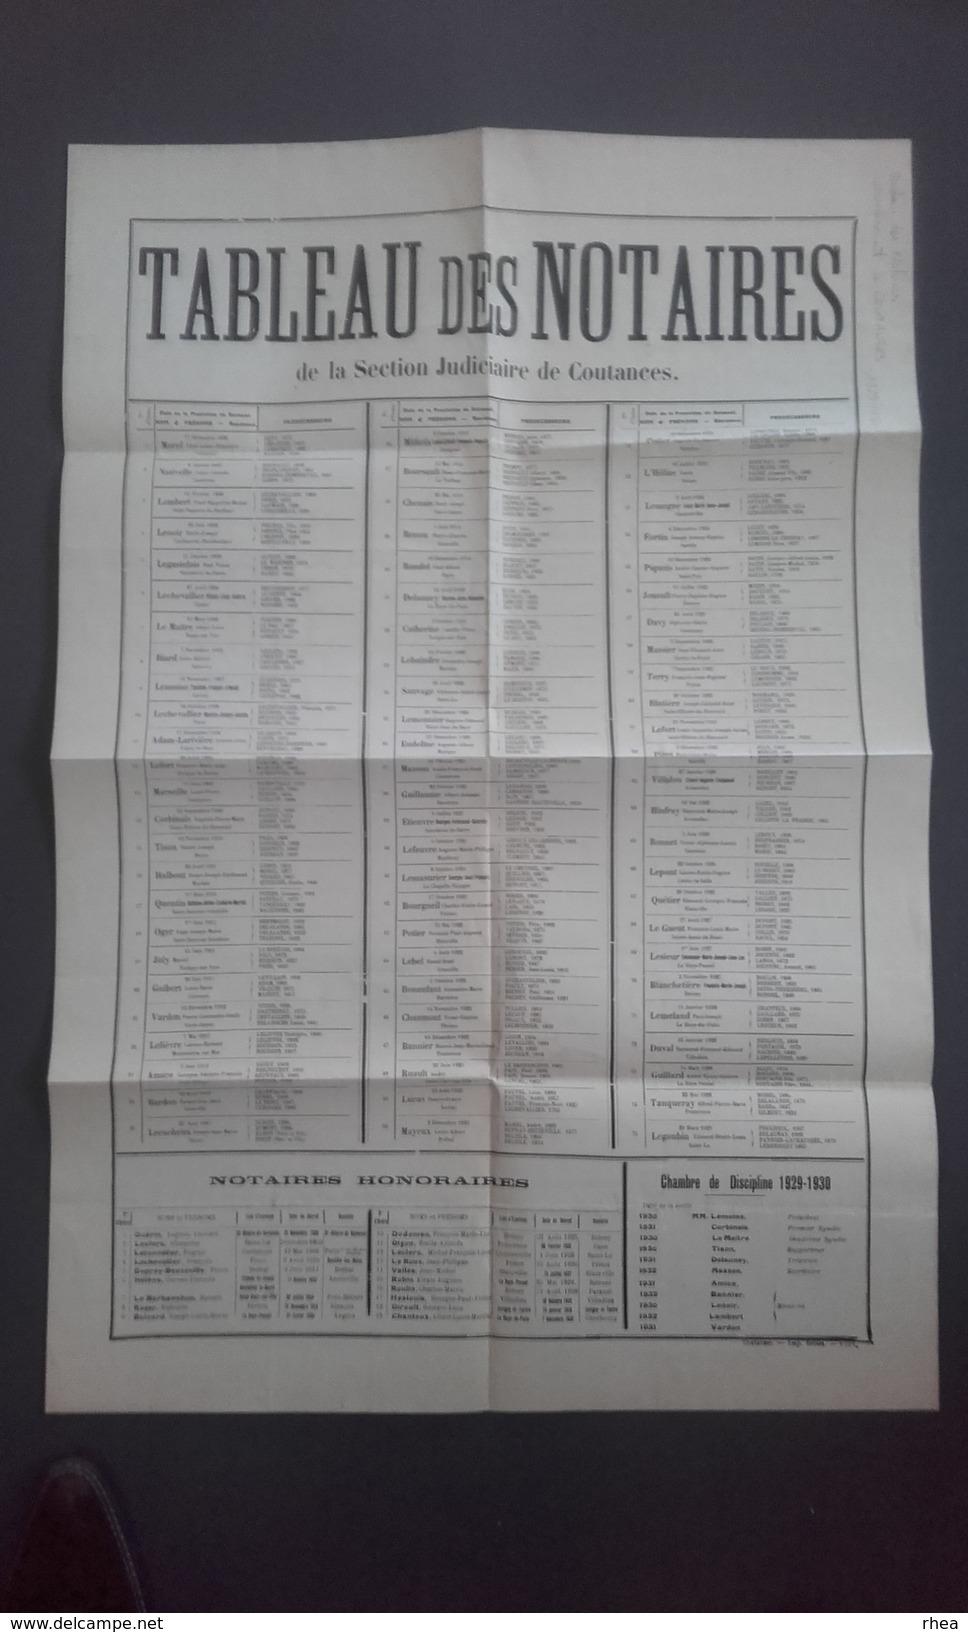 50 - COUTANCES - Tableau Des Notaires 1929-1930 - Affiches